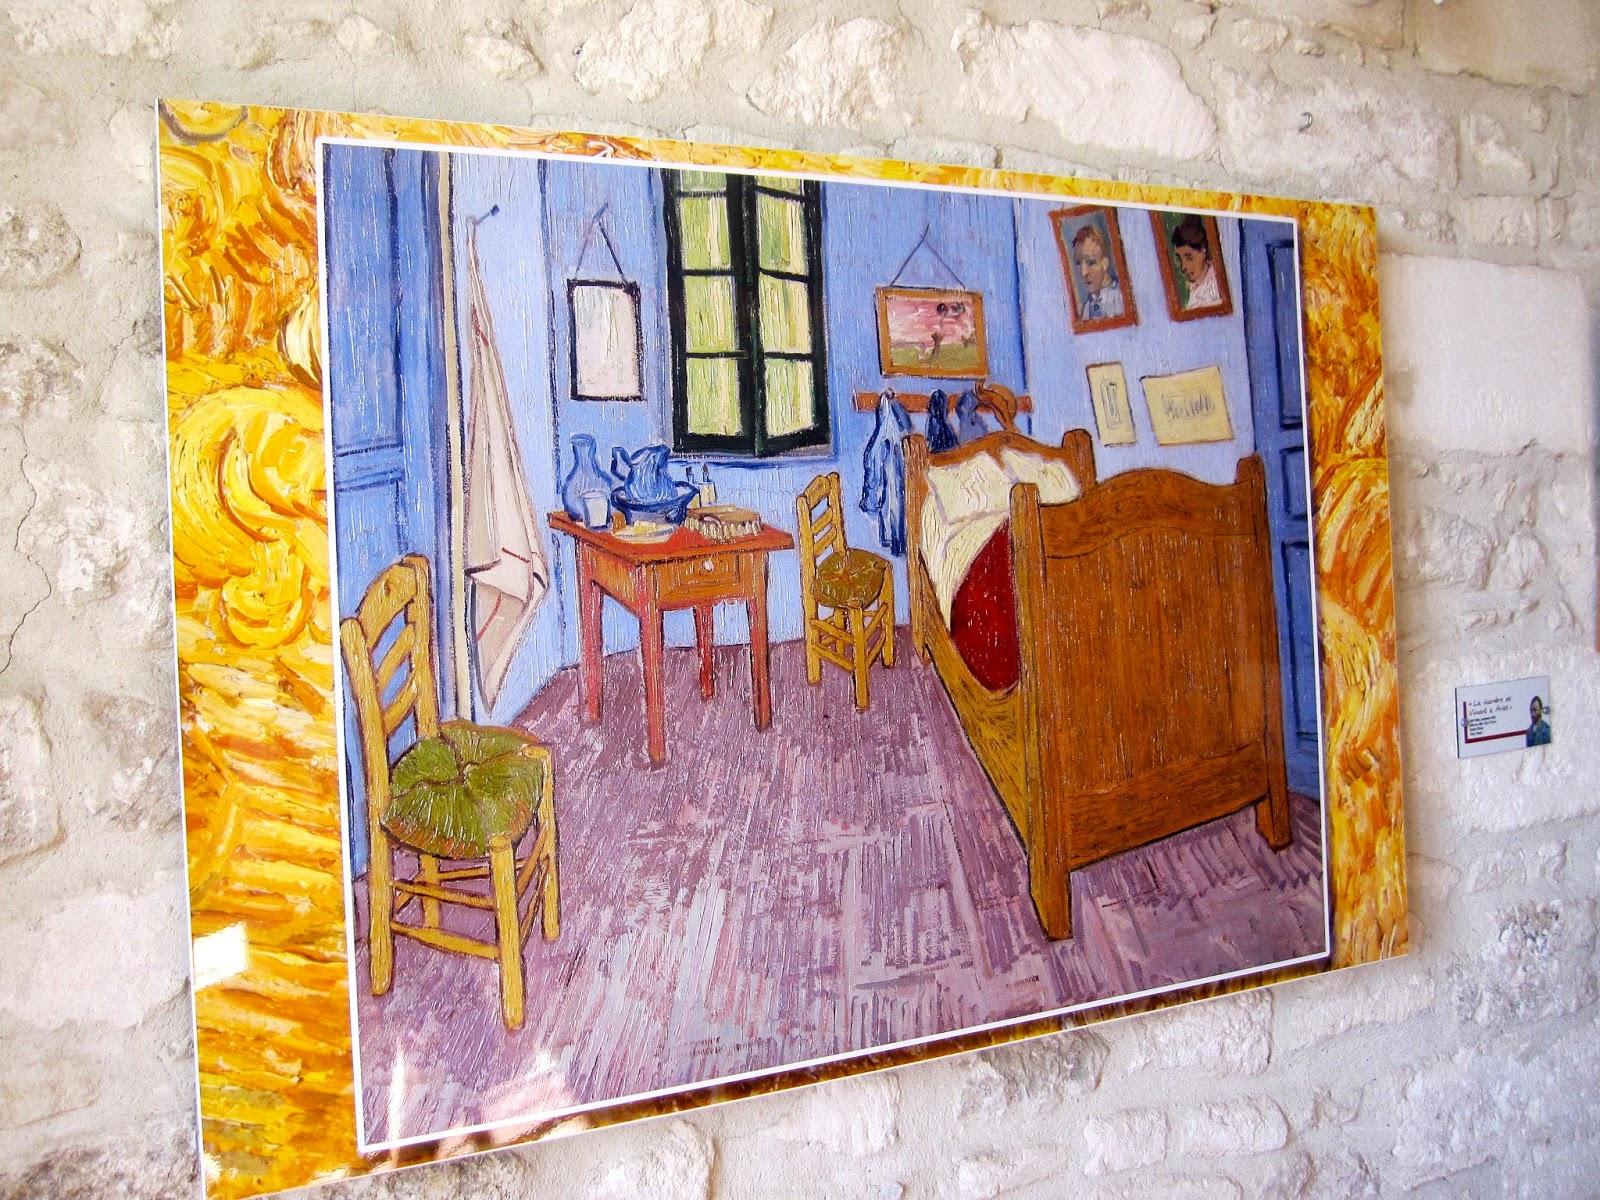 Van Gogh Bedroom At Arles Analysis ~ cryp.us